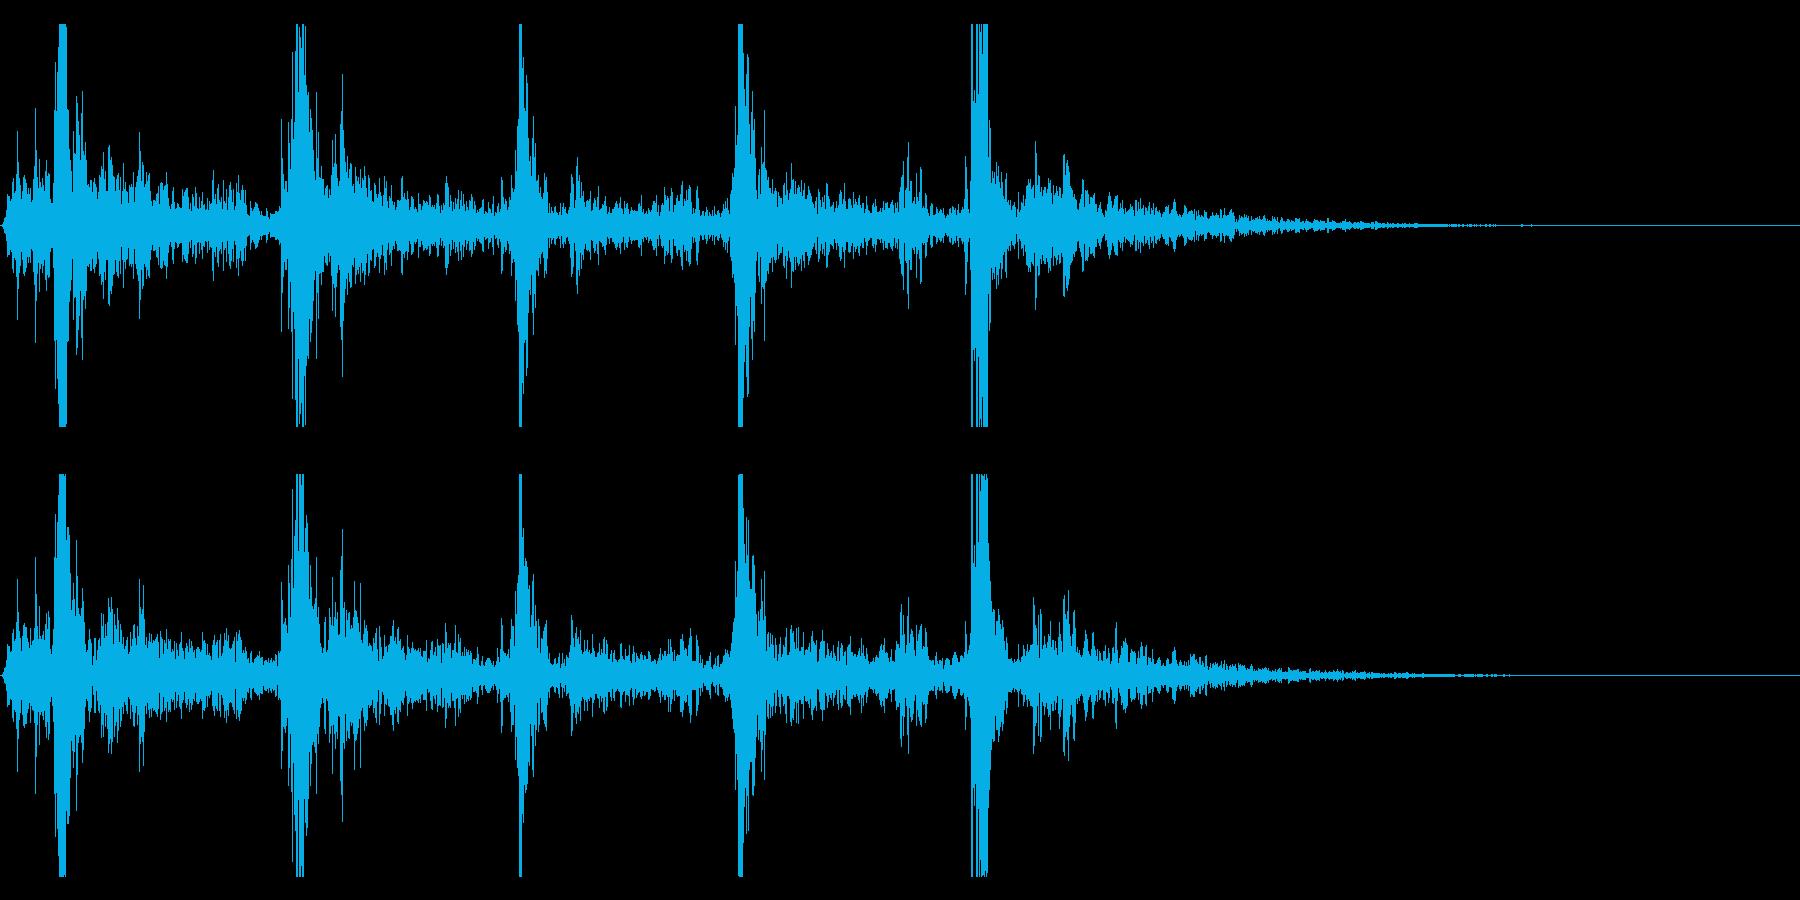 シャン×5回(鈴の音・広がる・神秘的)の再生済みの波形